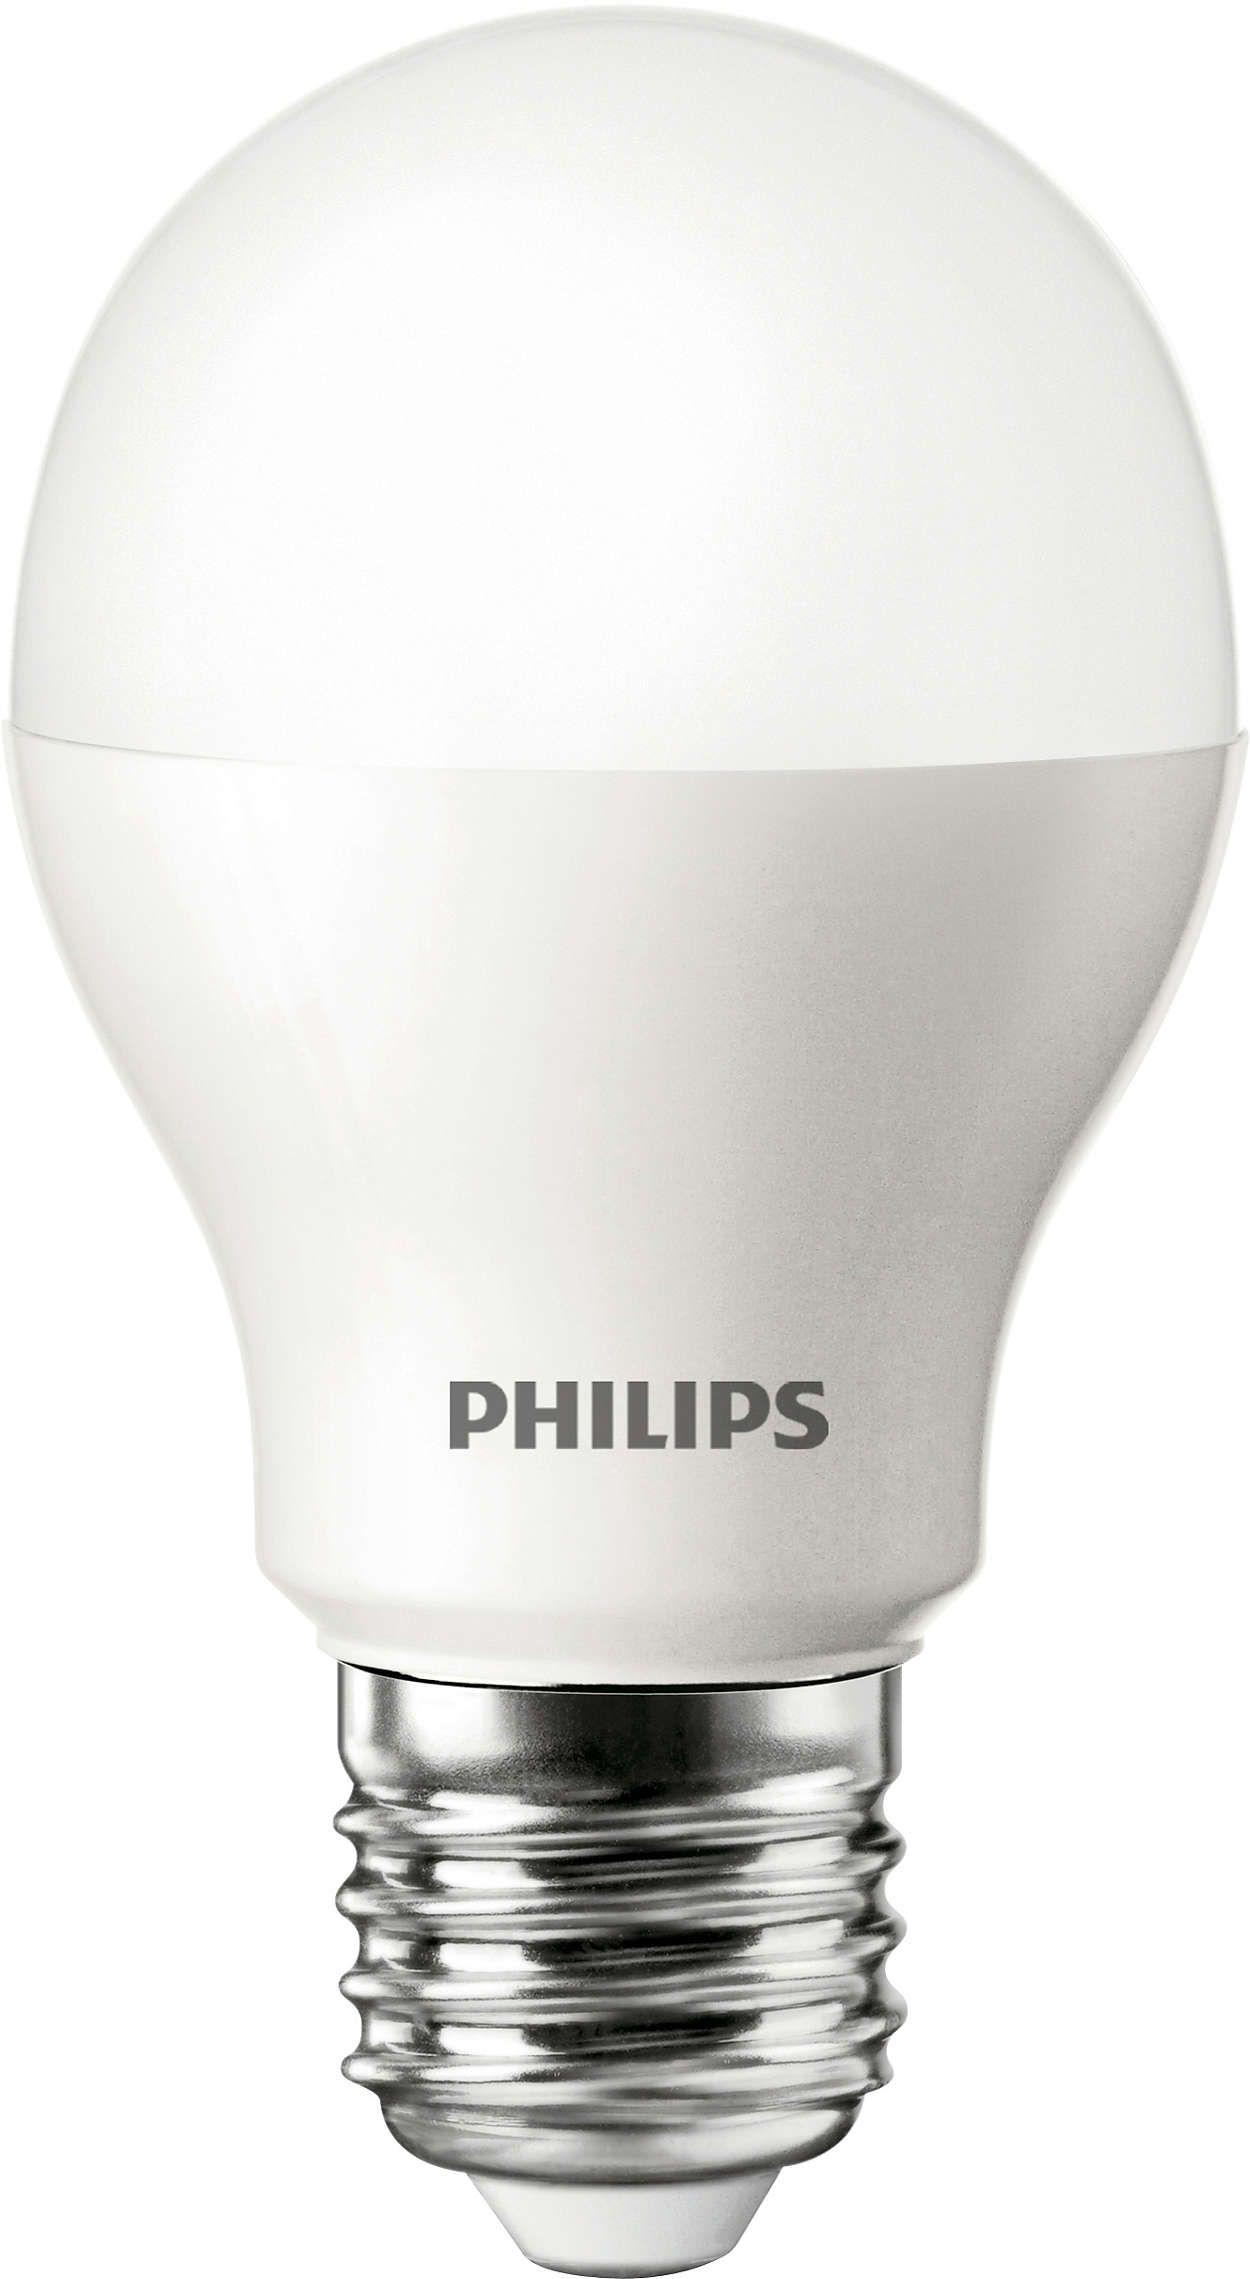 Philips Led Svetodiodna Lampa 60w E27 Neutralna Svetlina 230v